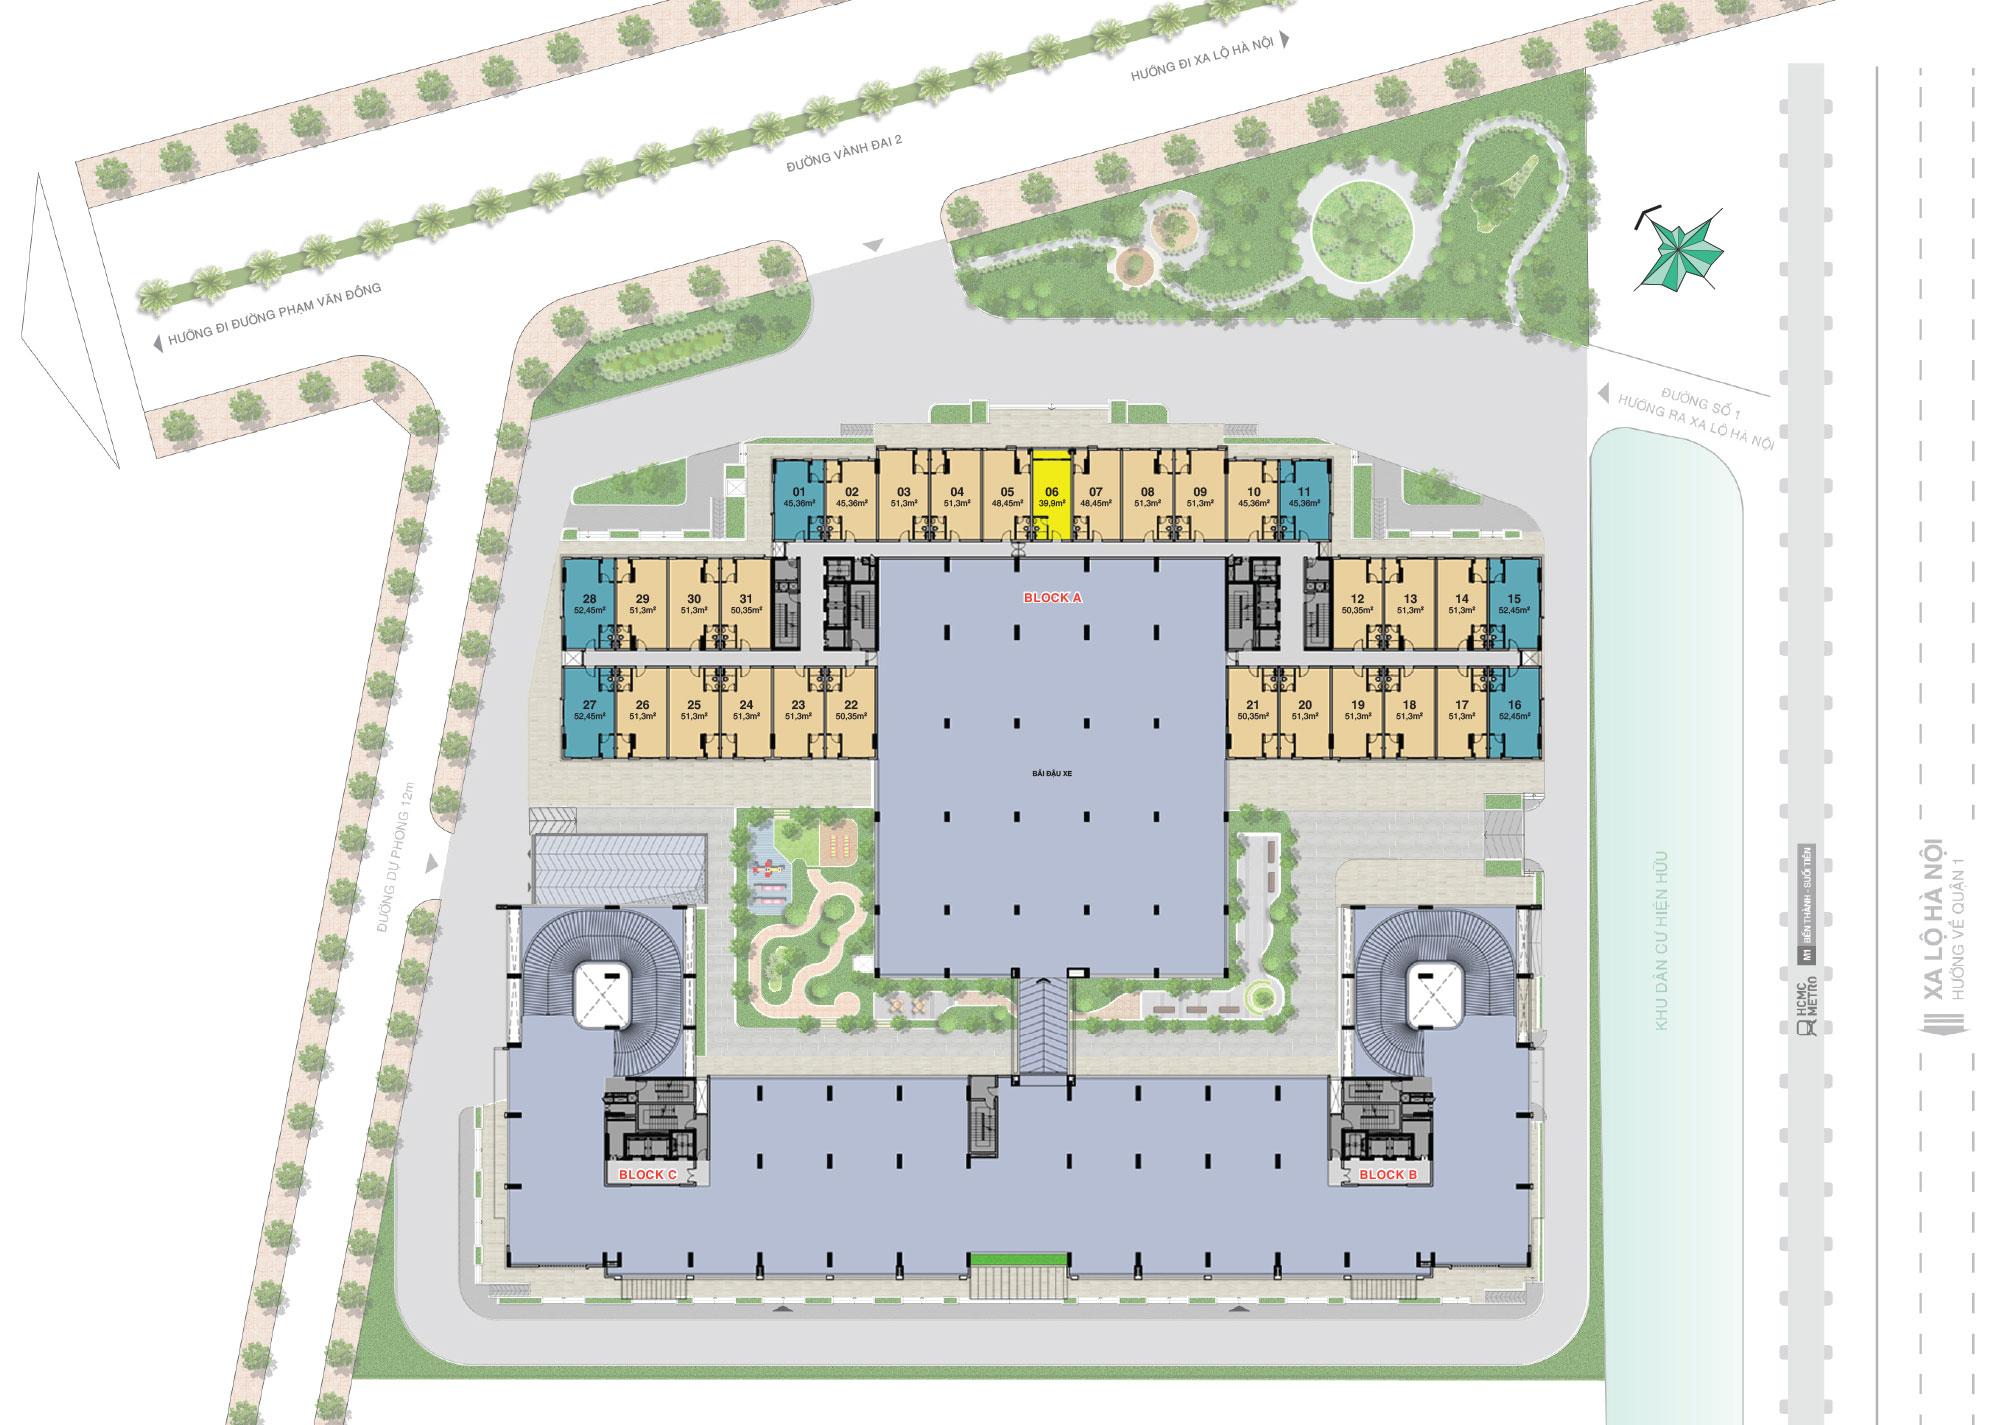 Mặt bằng dự án Lavita Charm quận Thủ Đức Hưng Thịnh